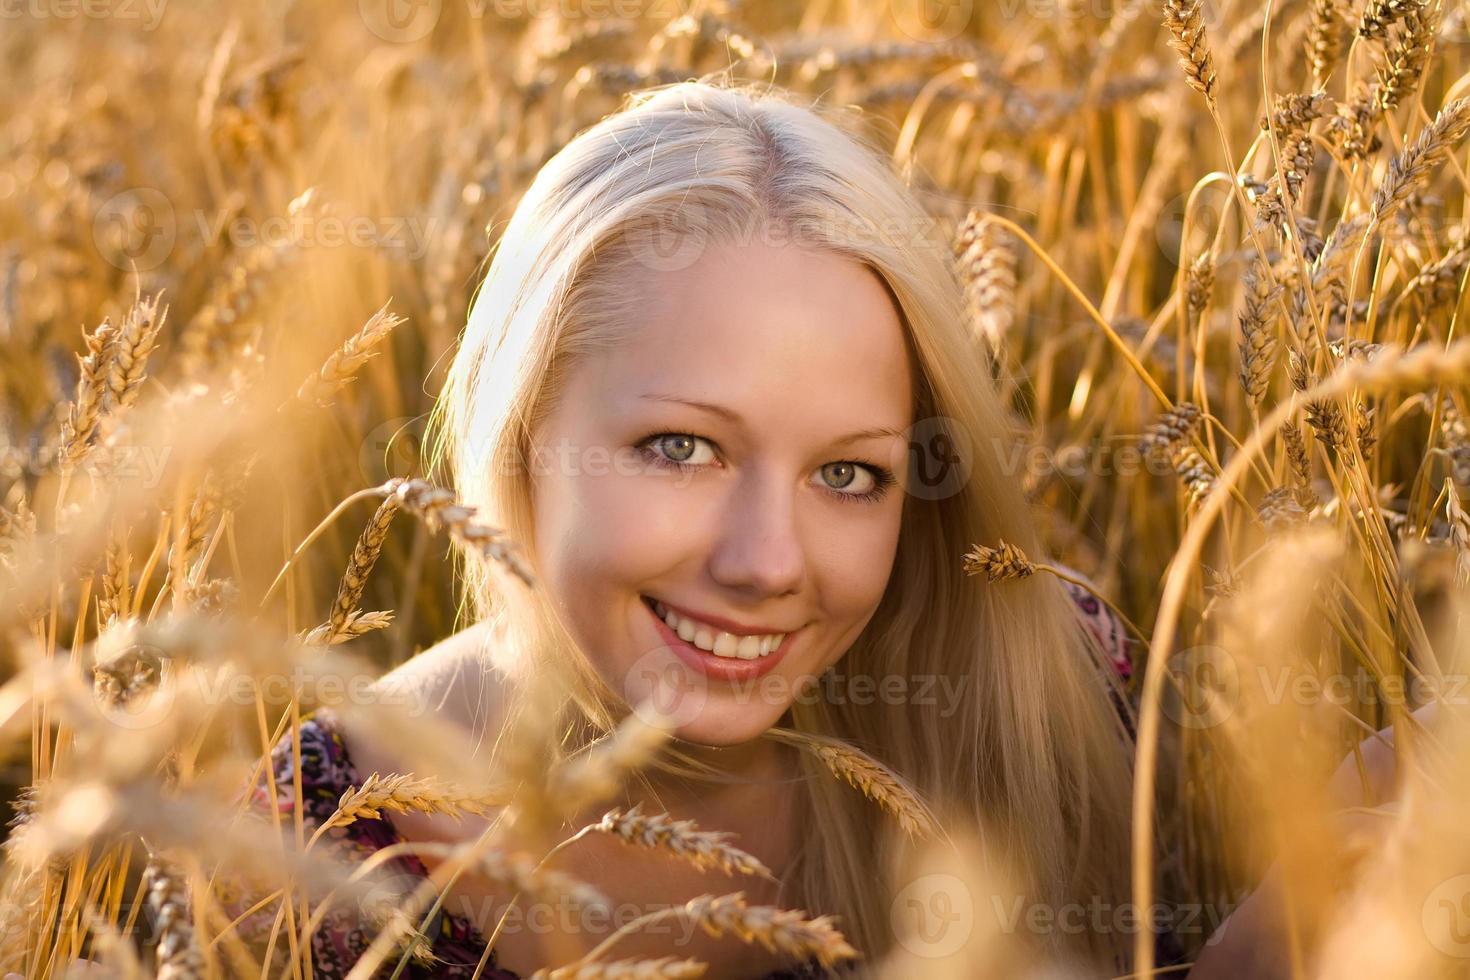 Hermosa mujer rubia sonriendo en el primer plano del campo de trigo foto